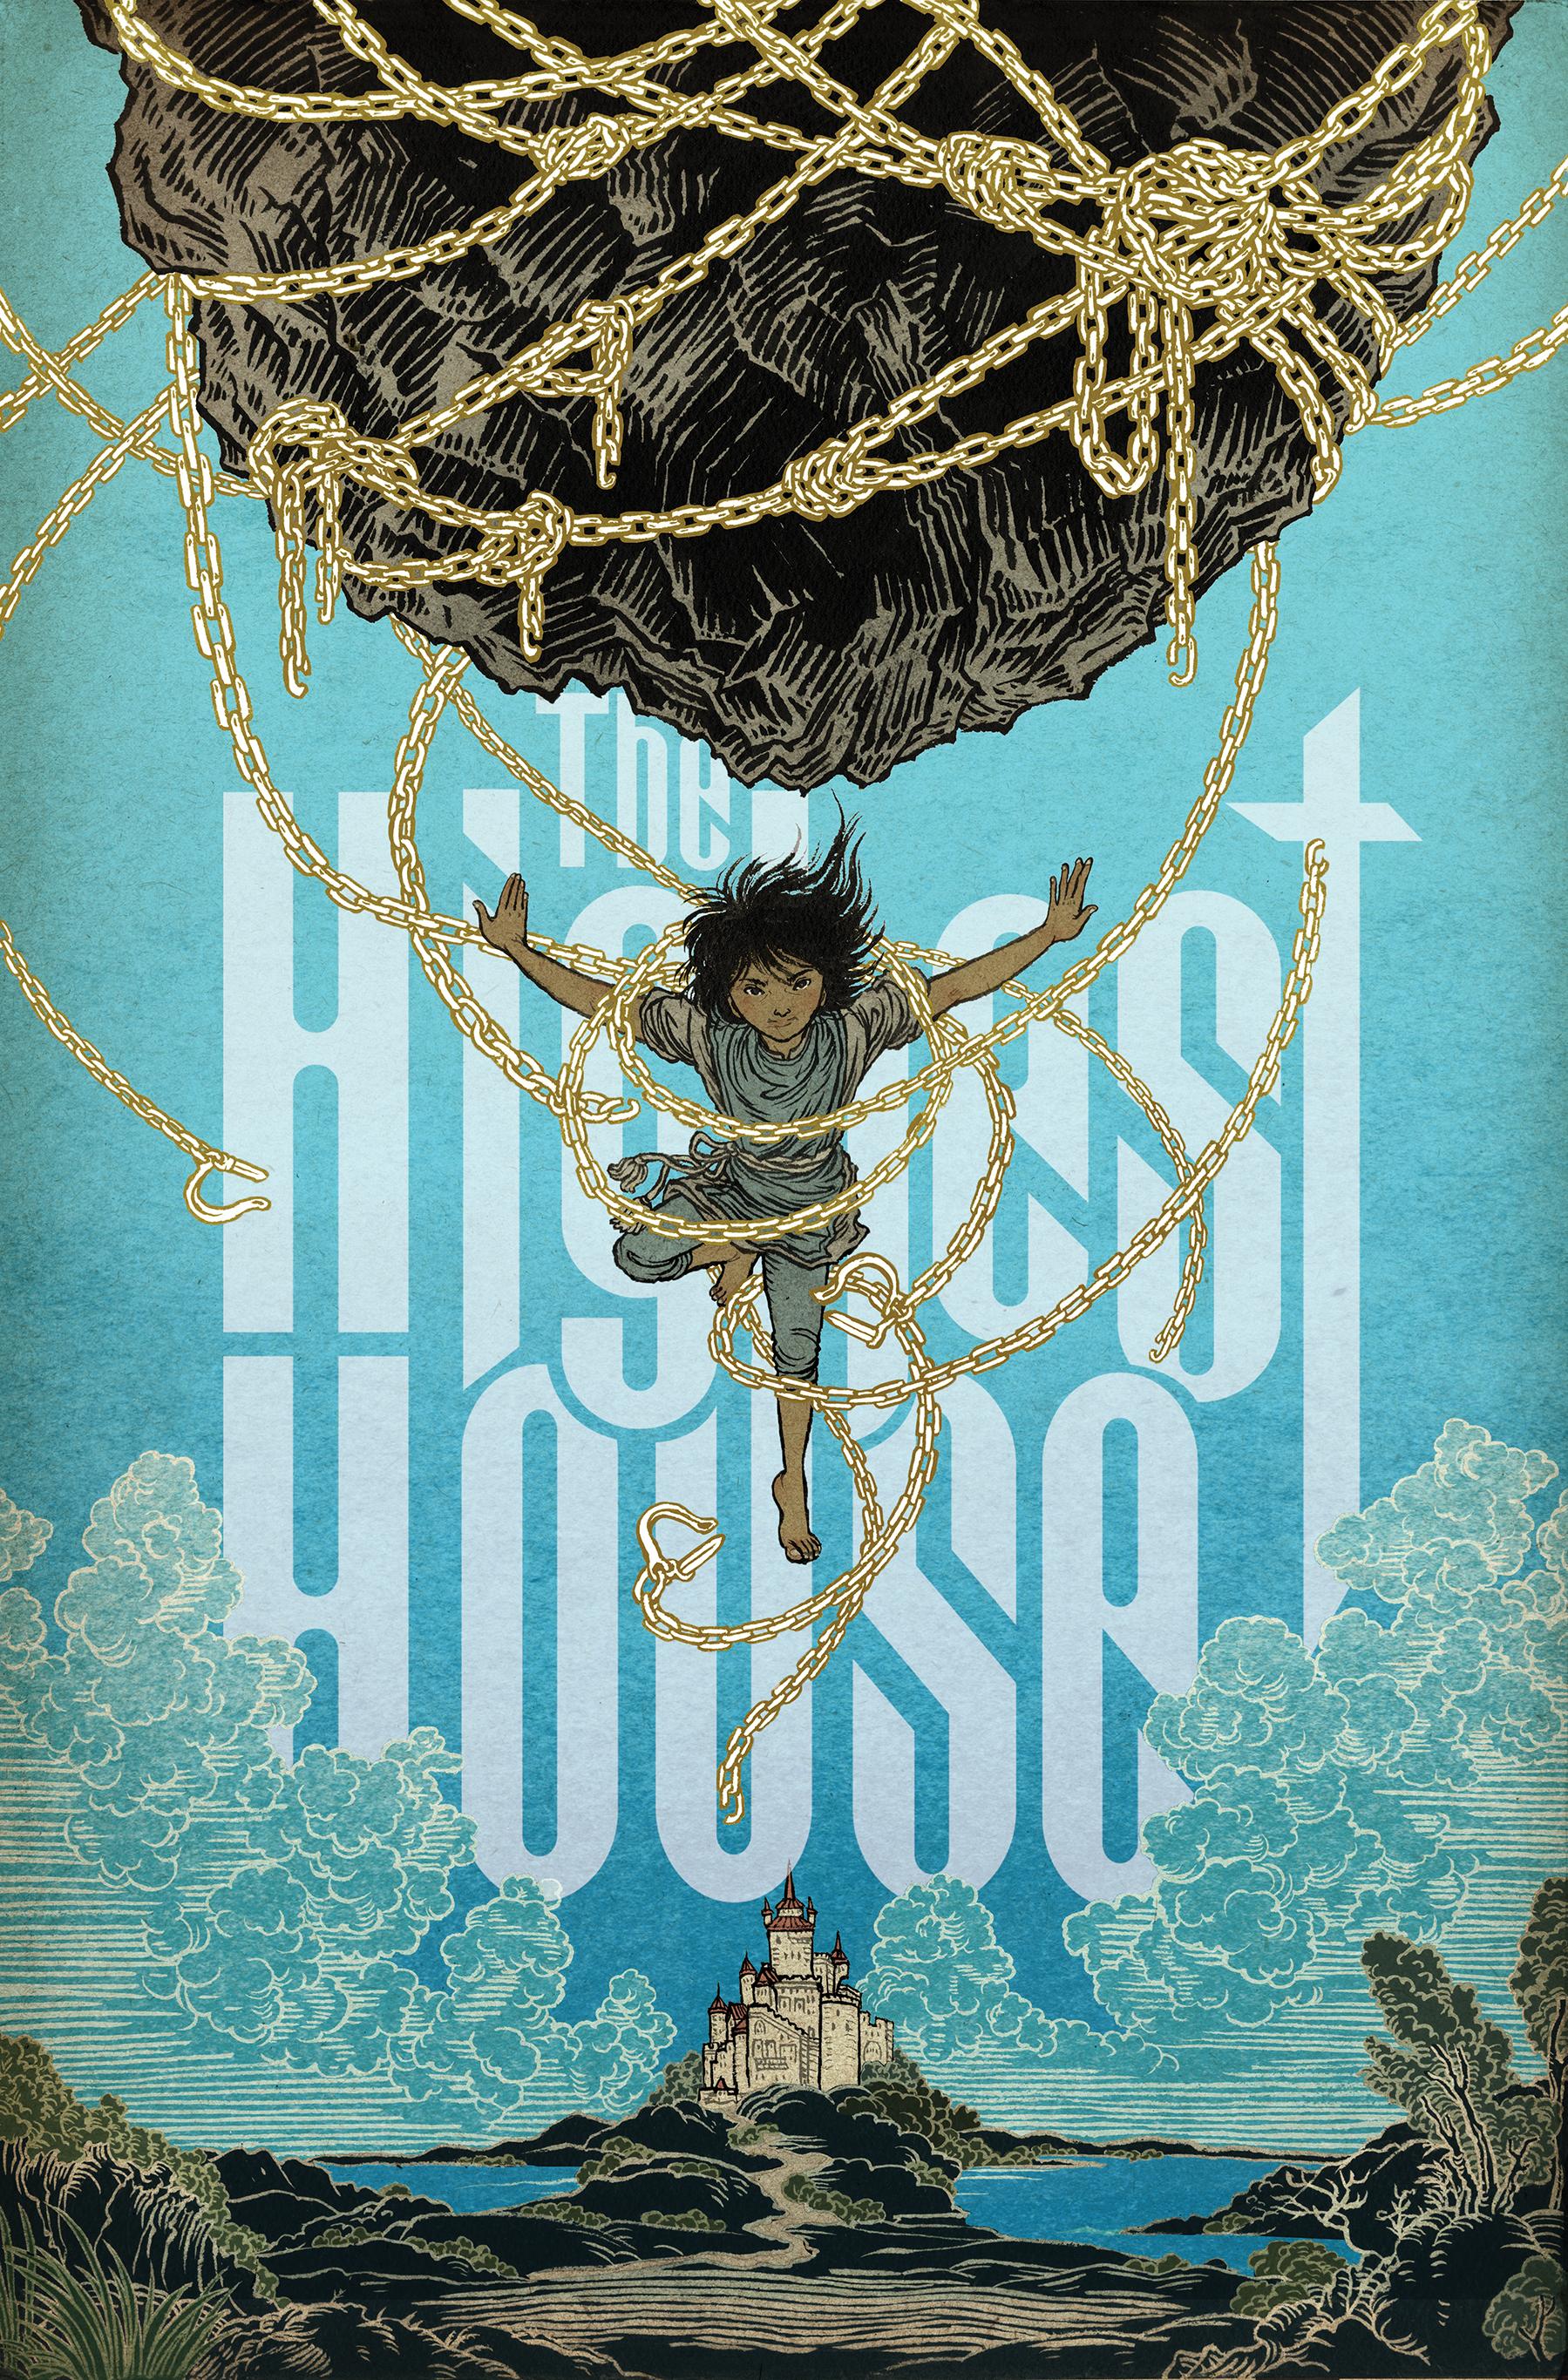 HighestHouse_01_CoverA.jpg